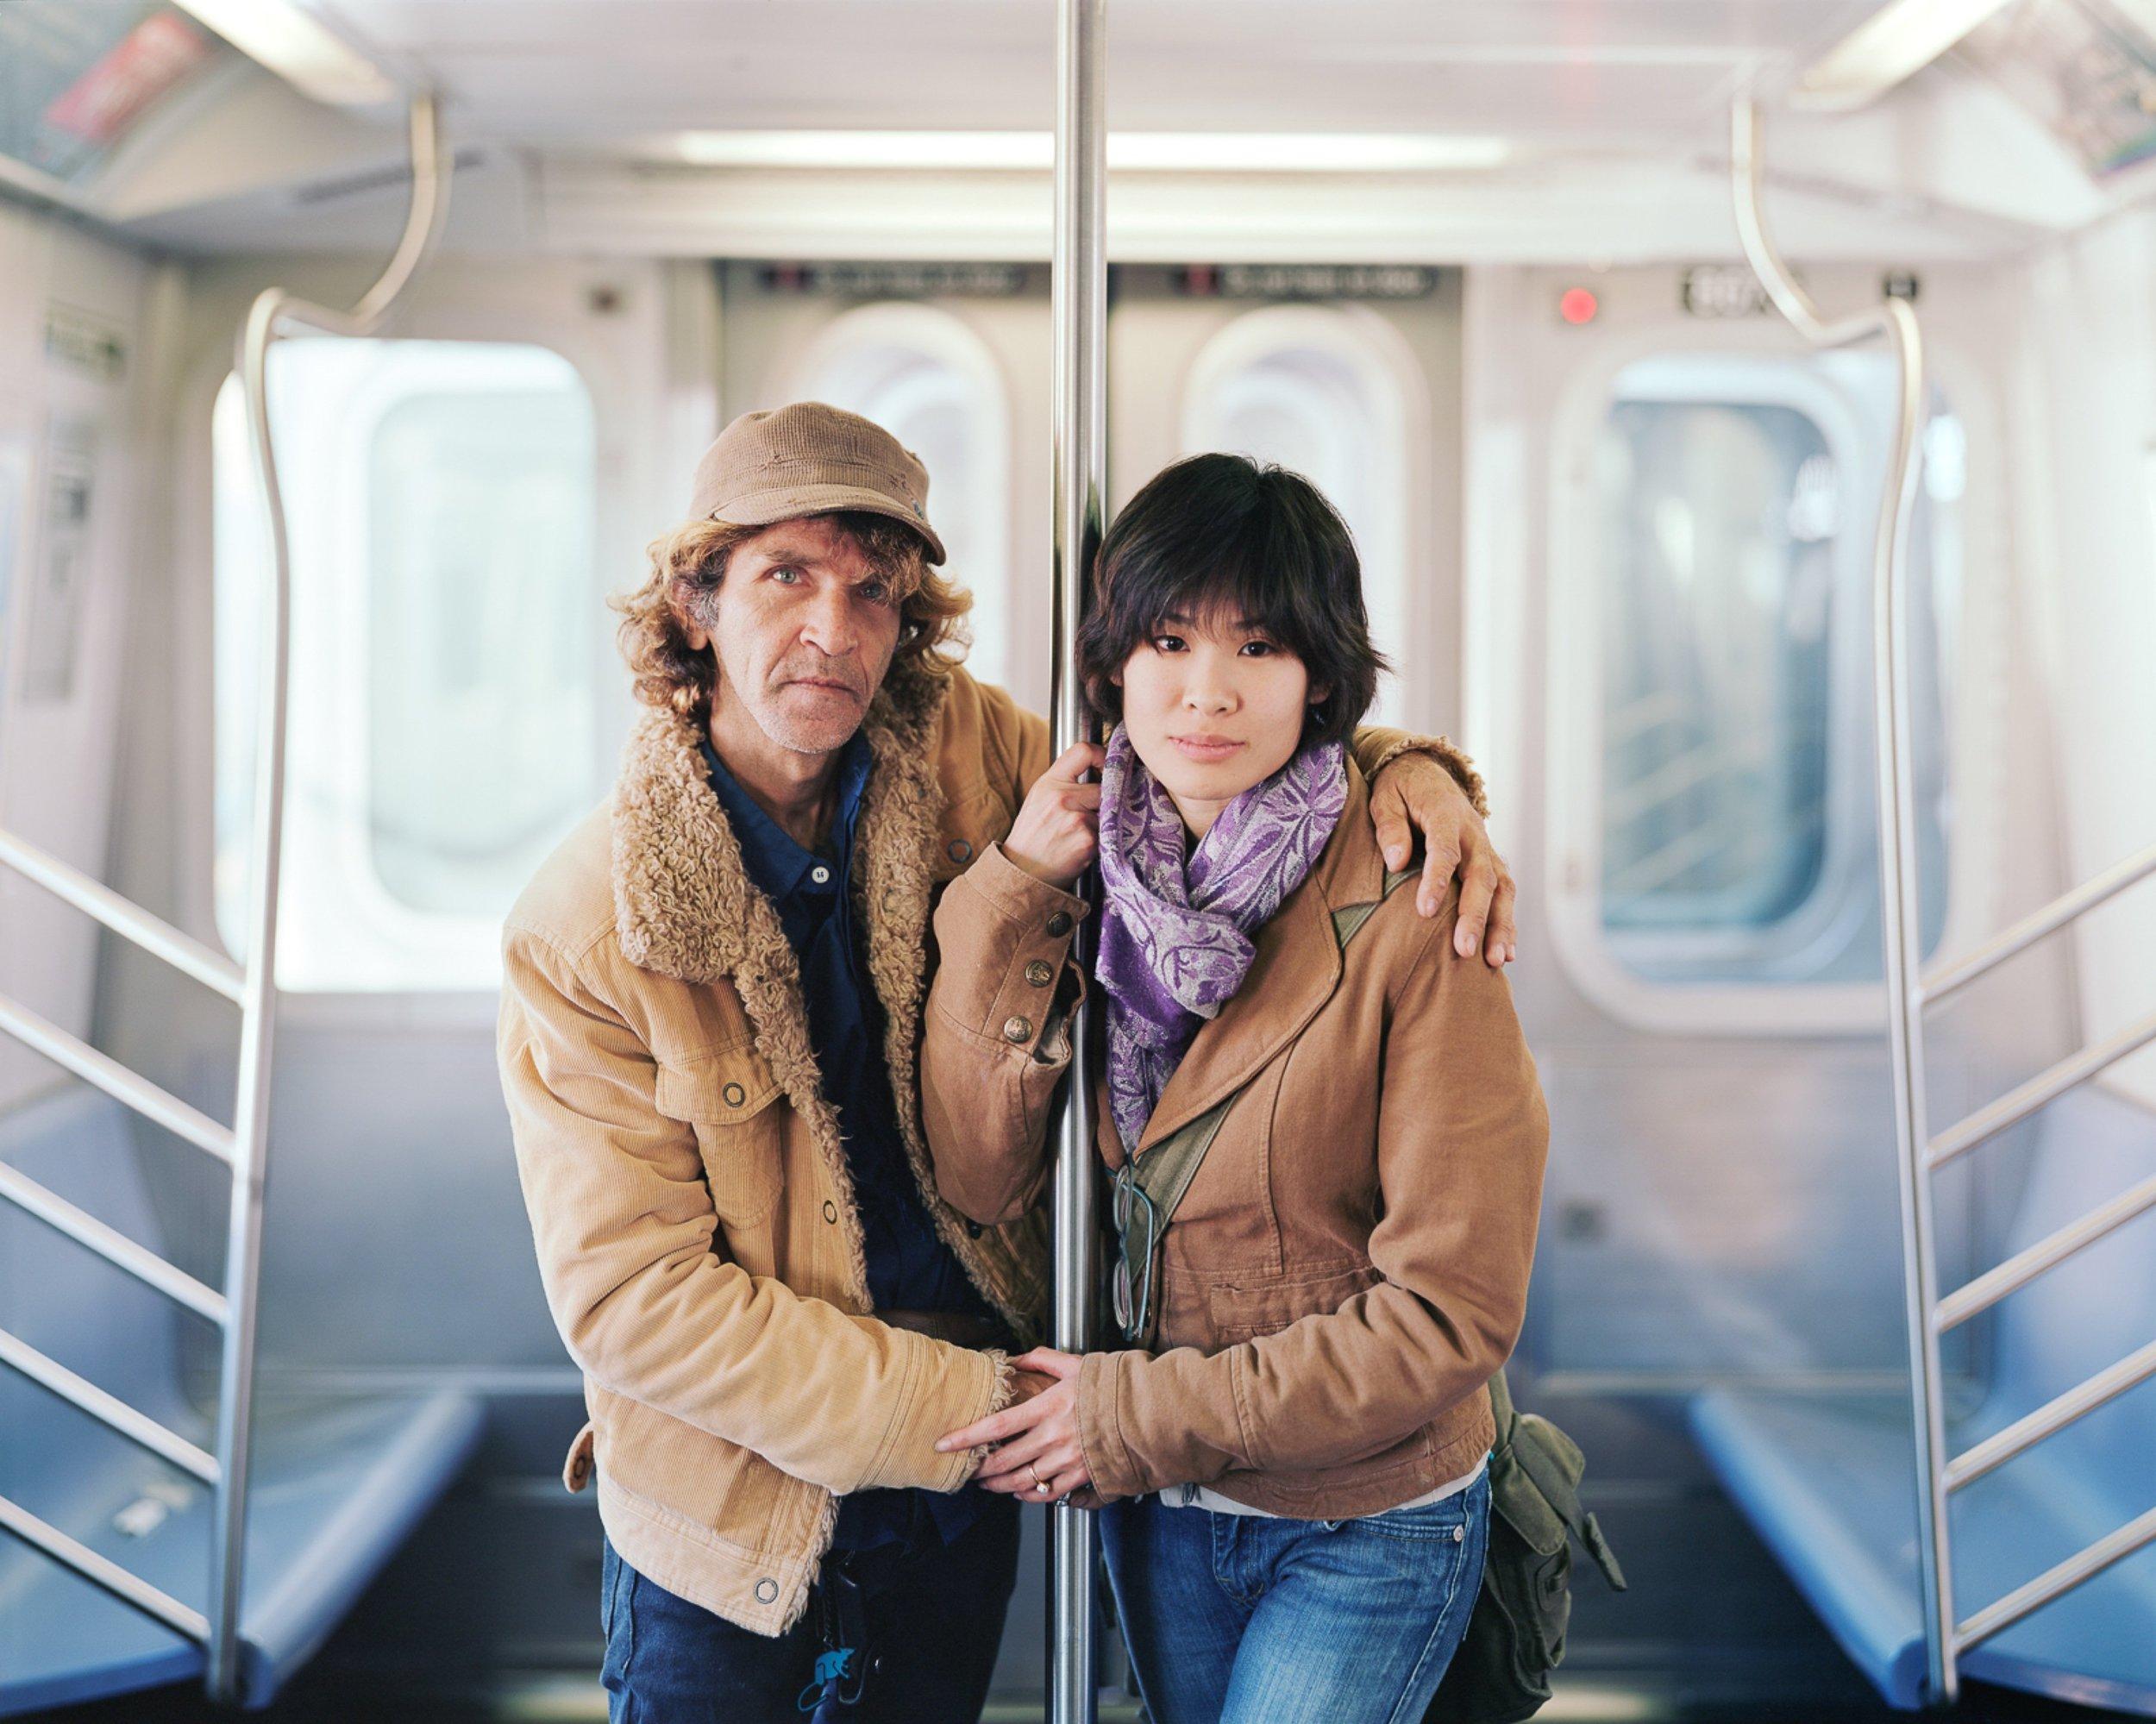 Alfredo and Jessica, 2011, New York, New York- Touching Strangers